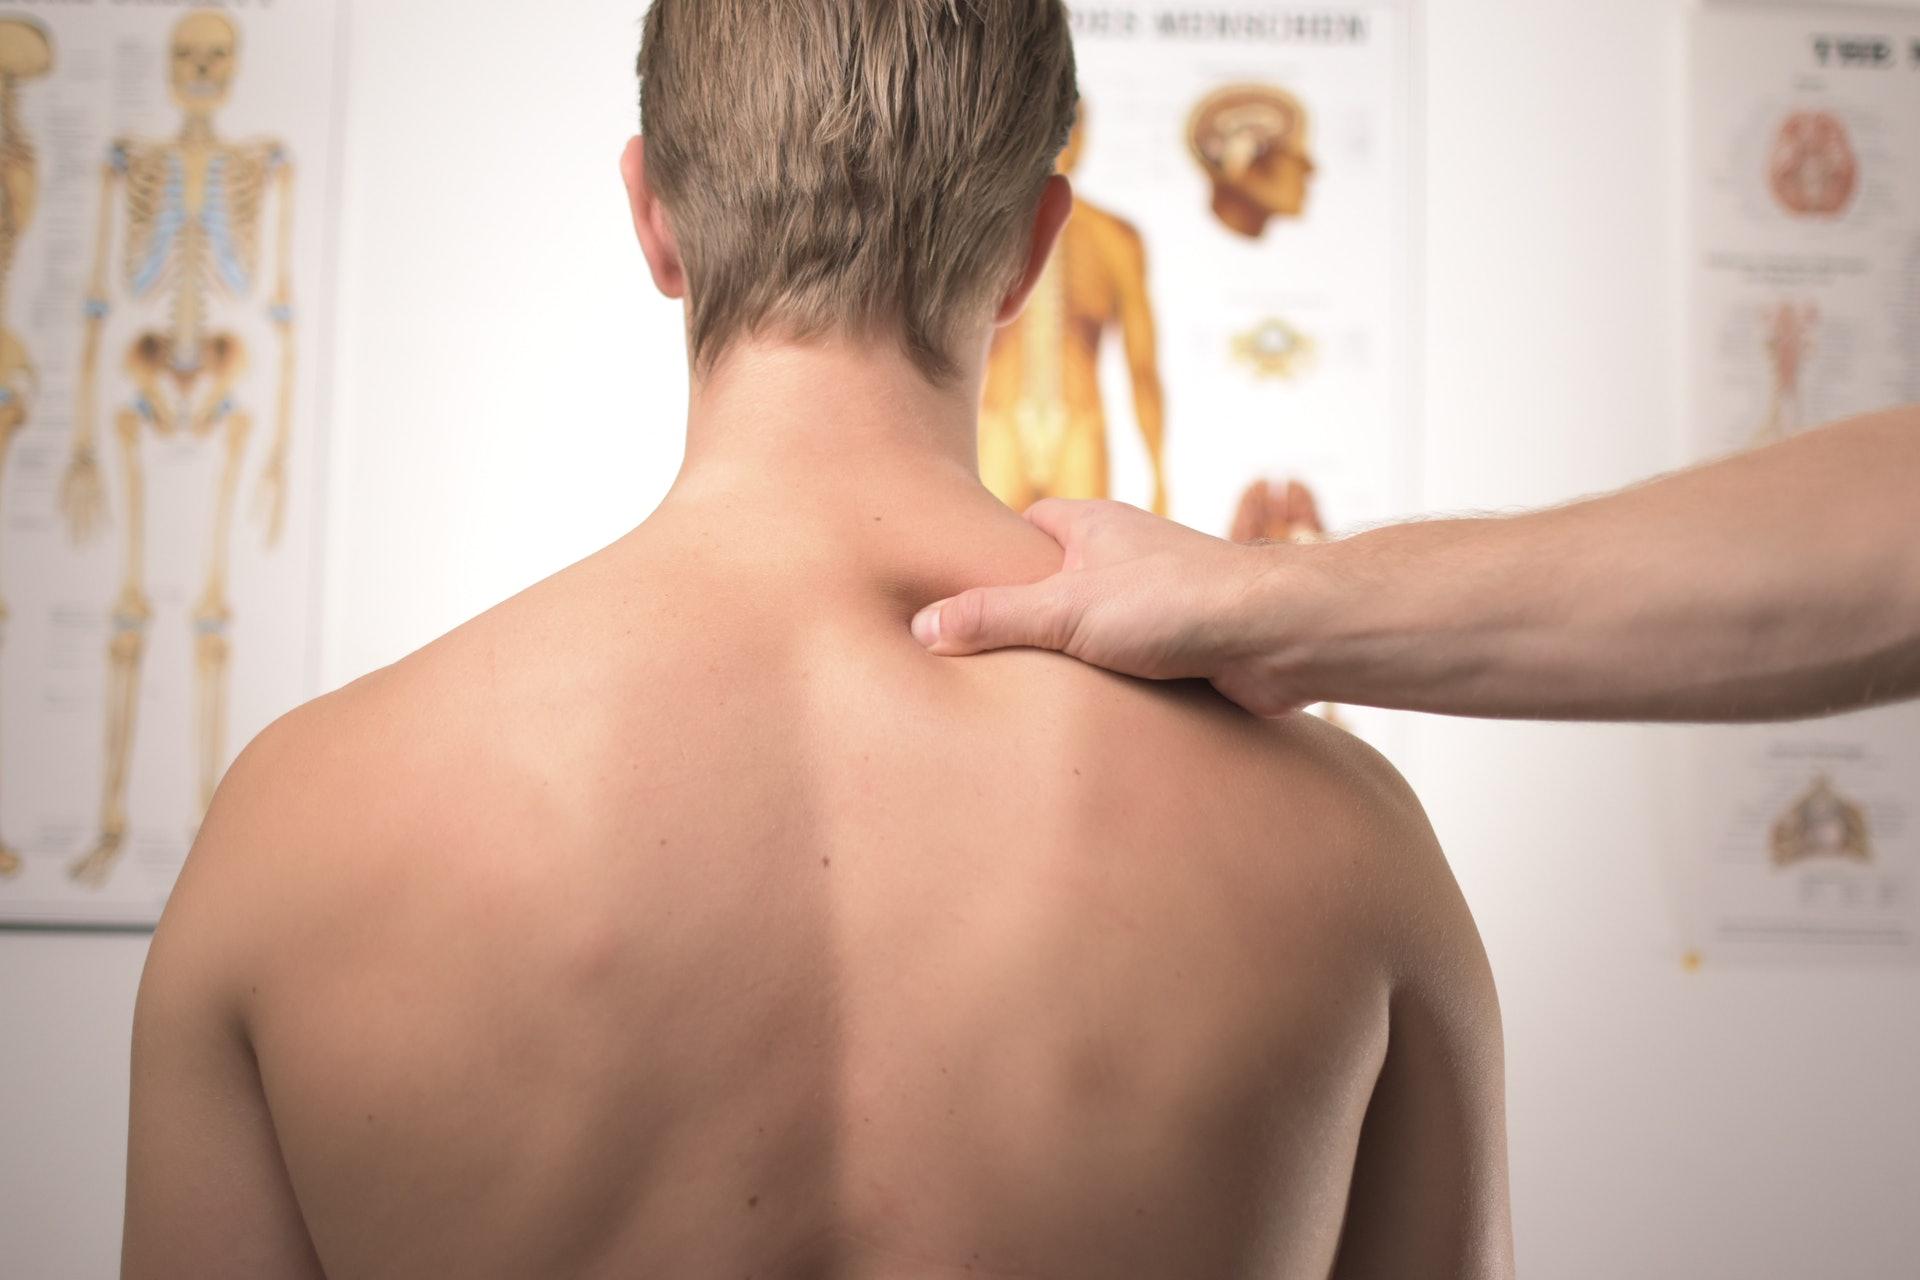 身體的痛症影響生理更影響心理。(aggergakker/unsplash)